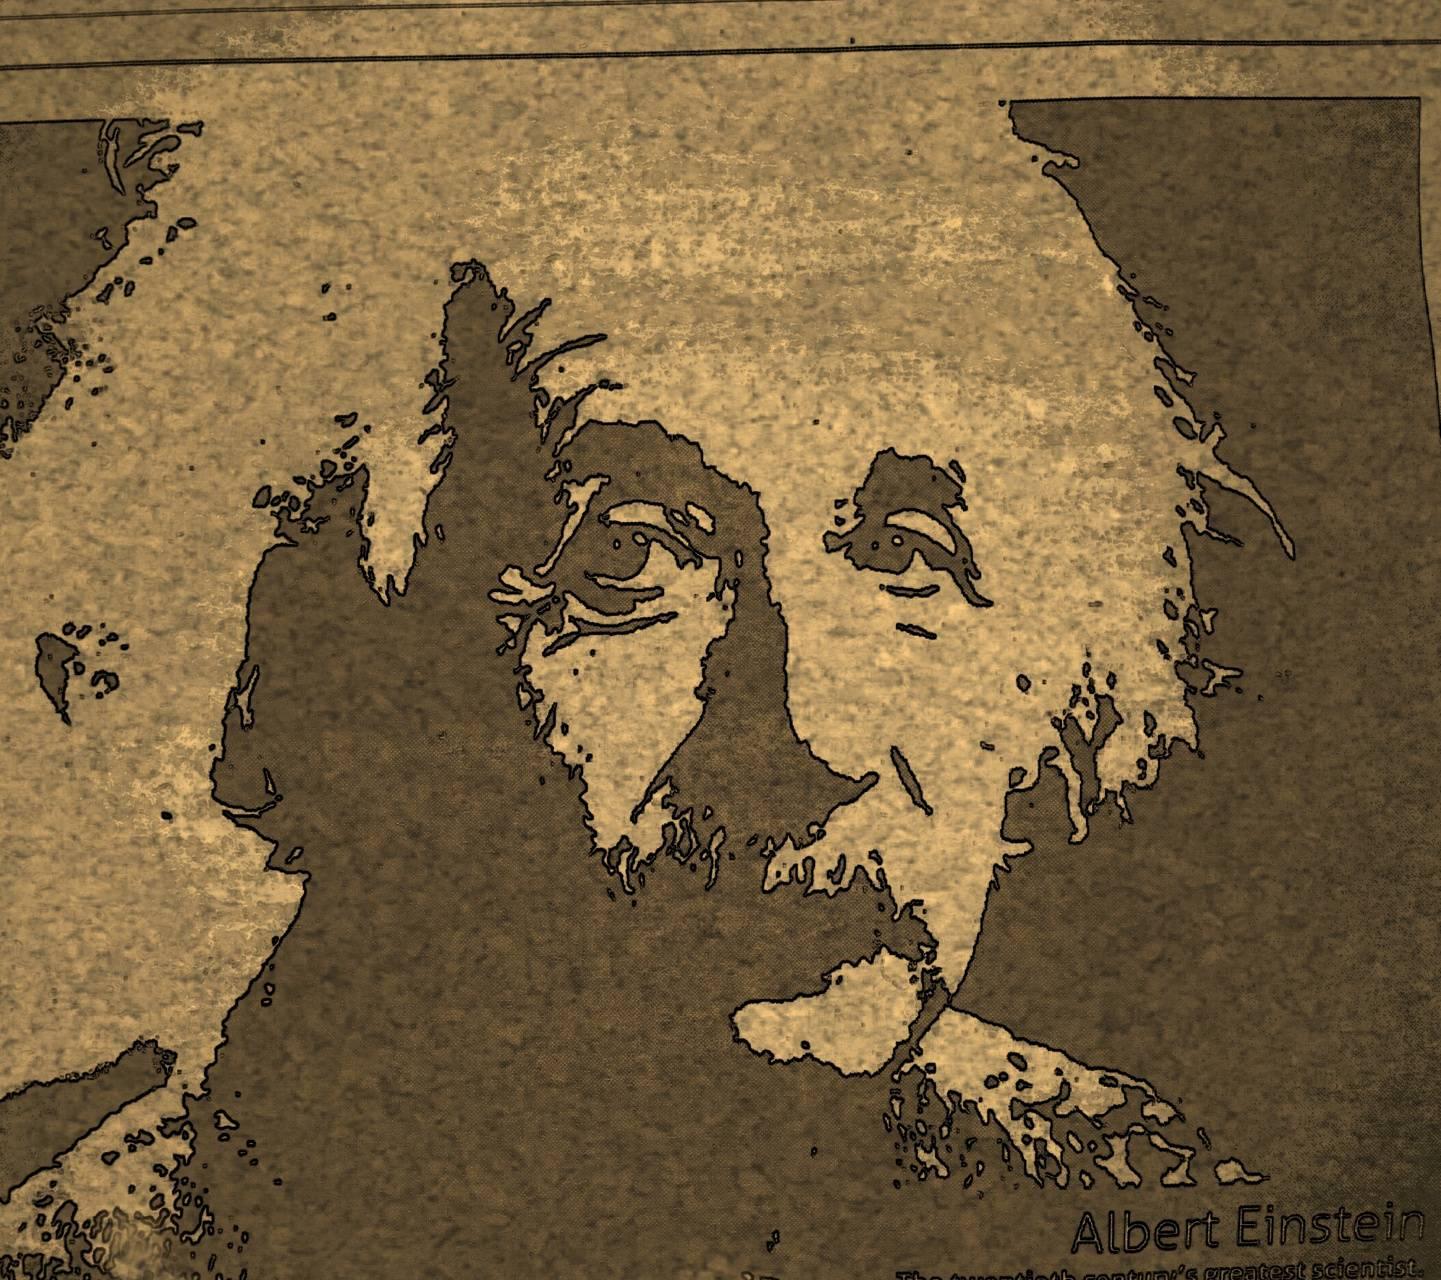 Einstein the great